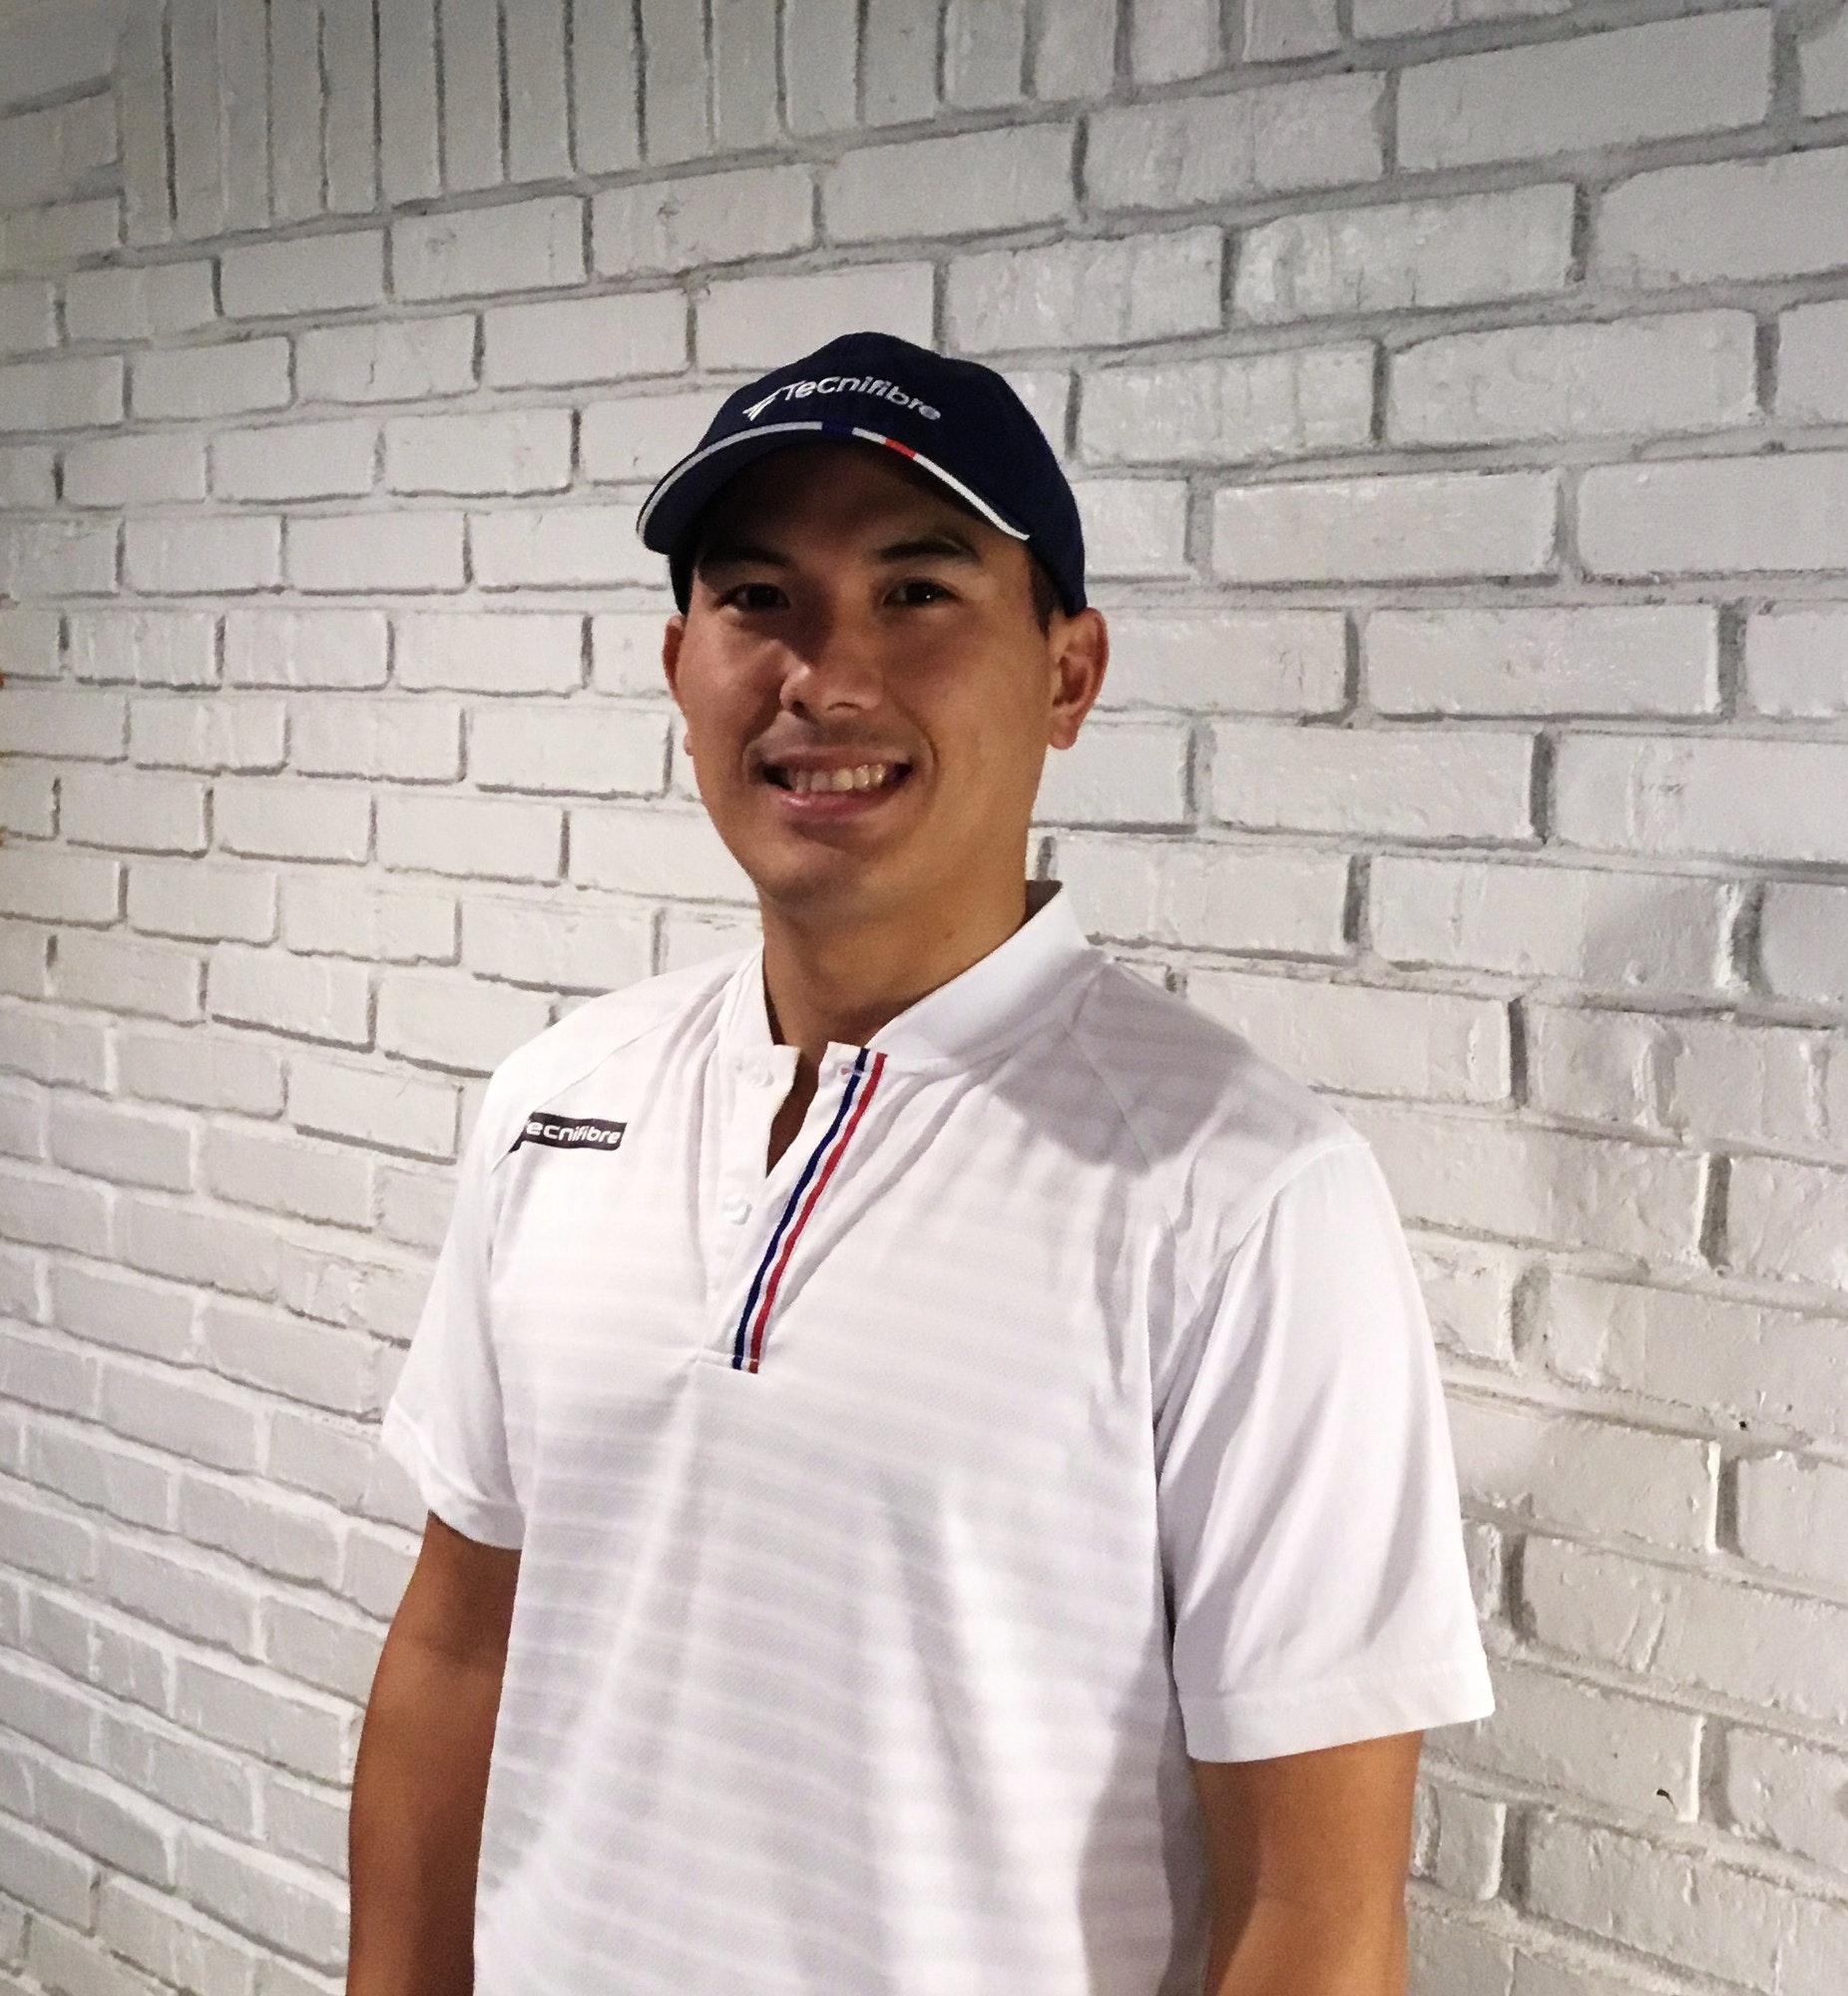 Josh K. teaches tennis lessons in Sugar Hill, GA